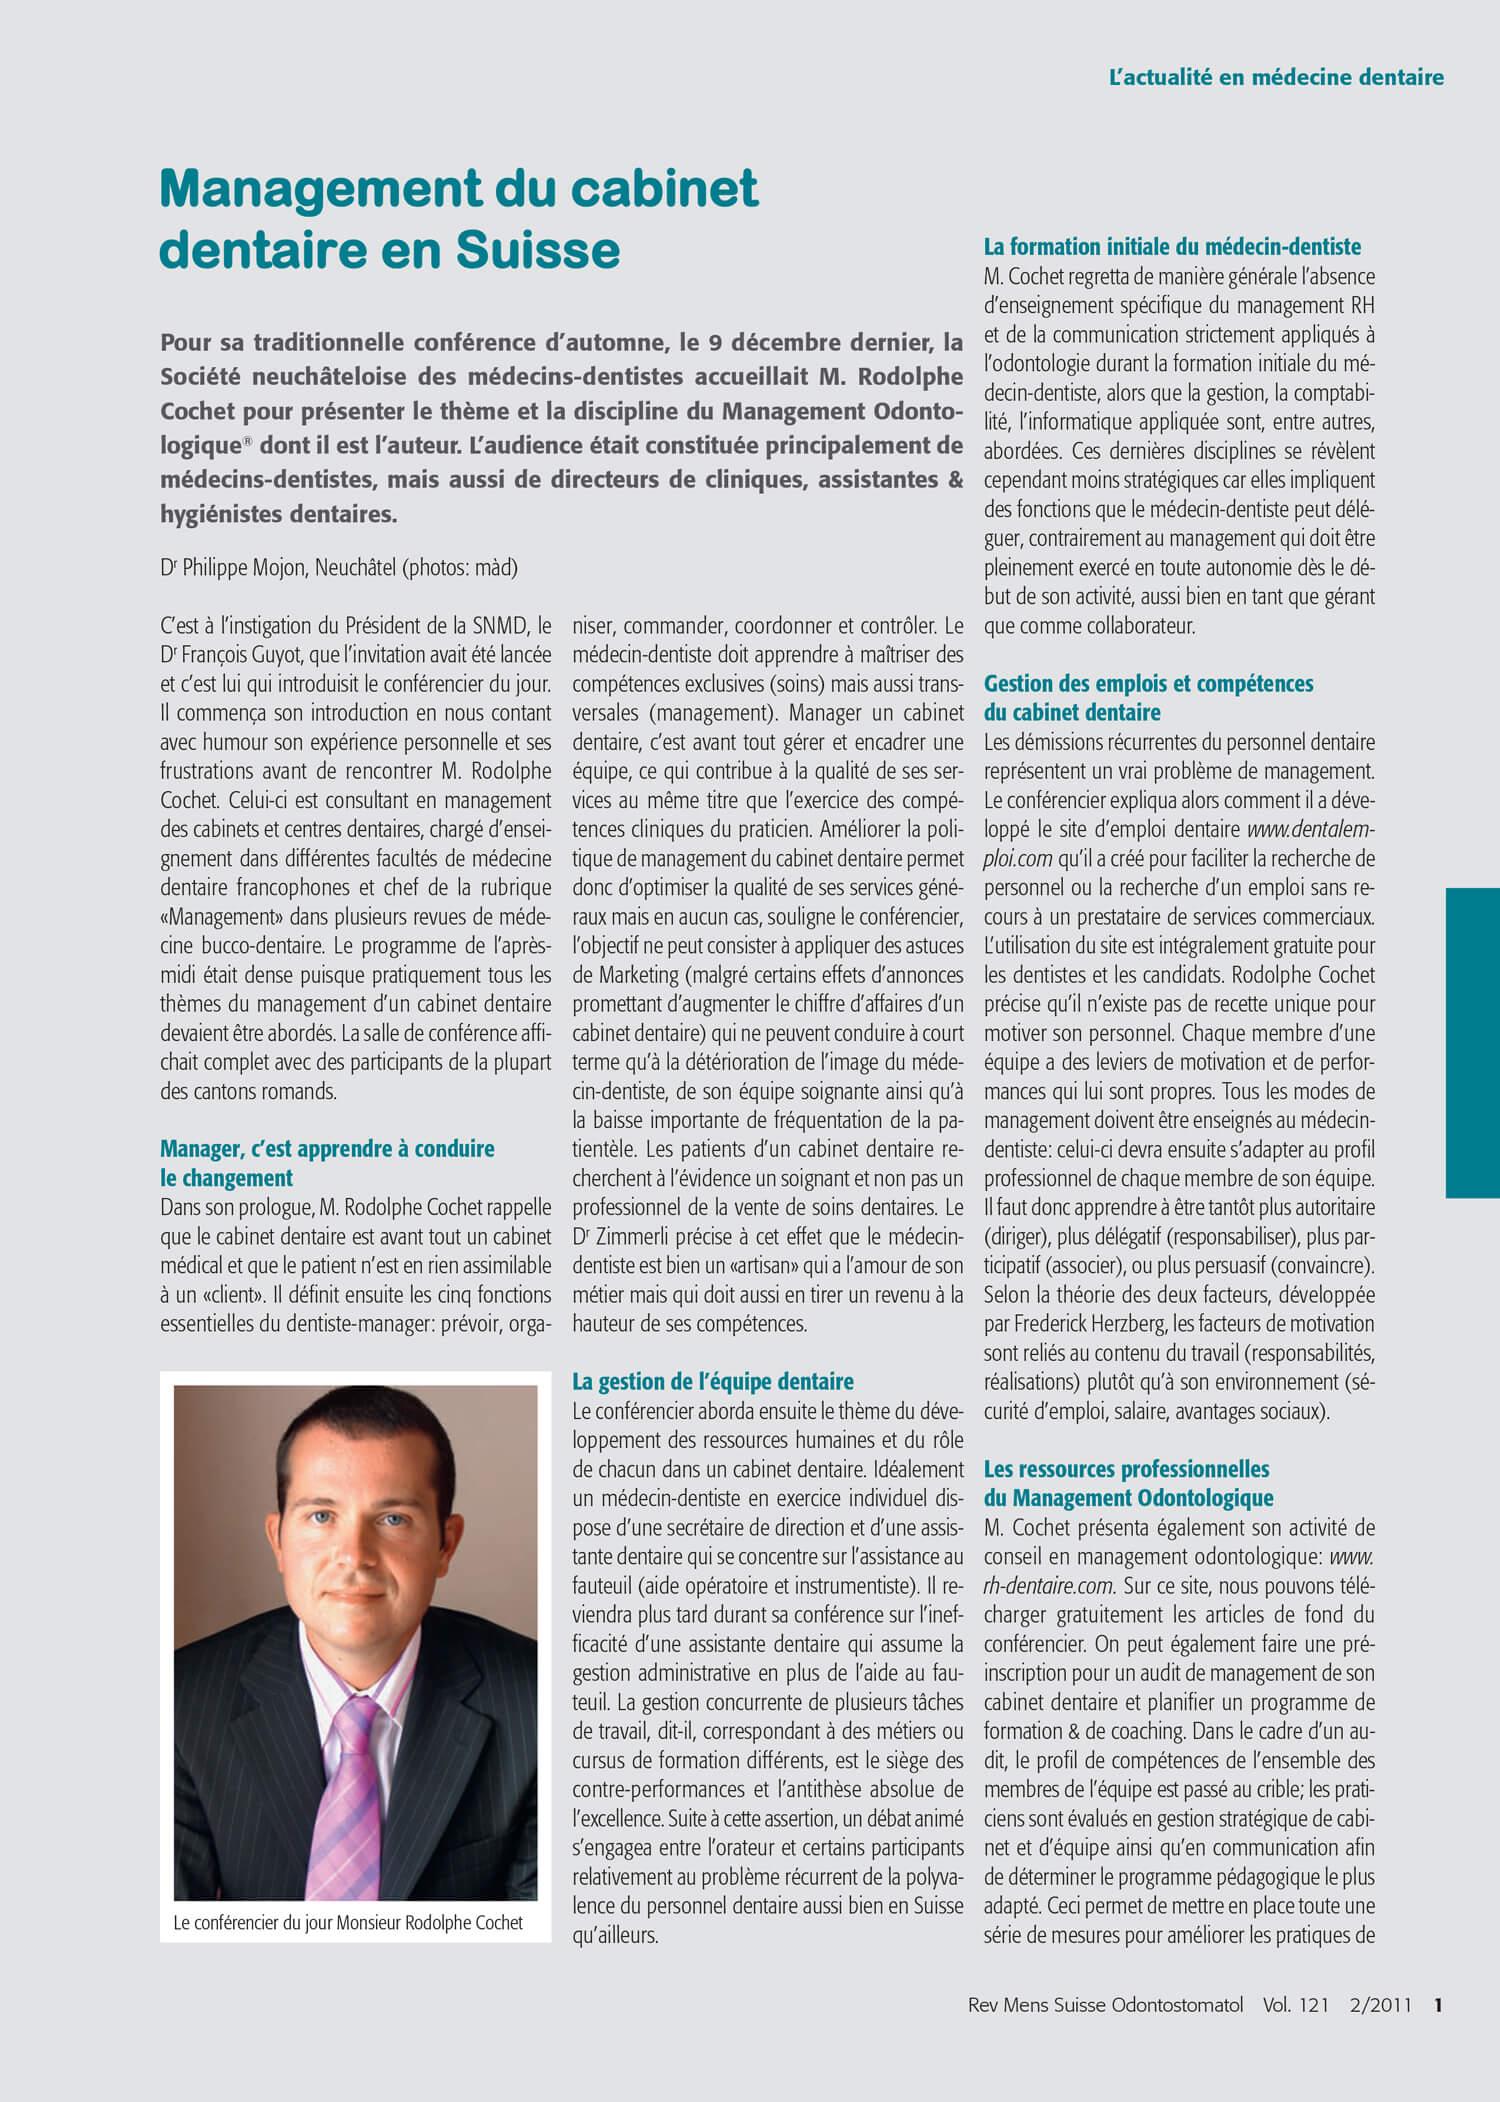 Management_dentaire_Revue_Suisse_Odonto-Stomatologie_Rodolphe_Cochet.jpg